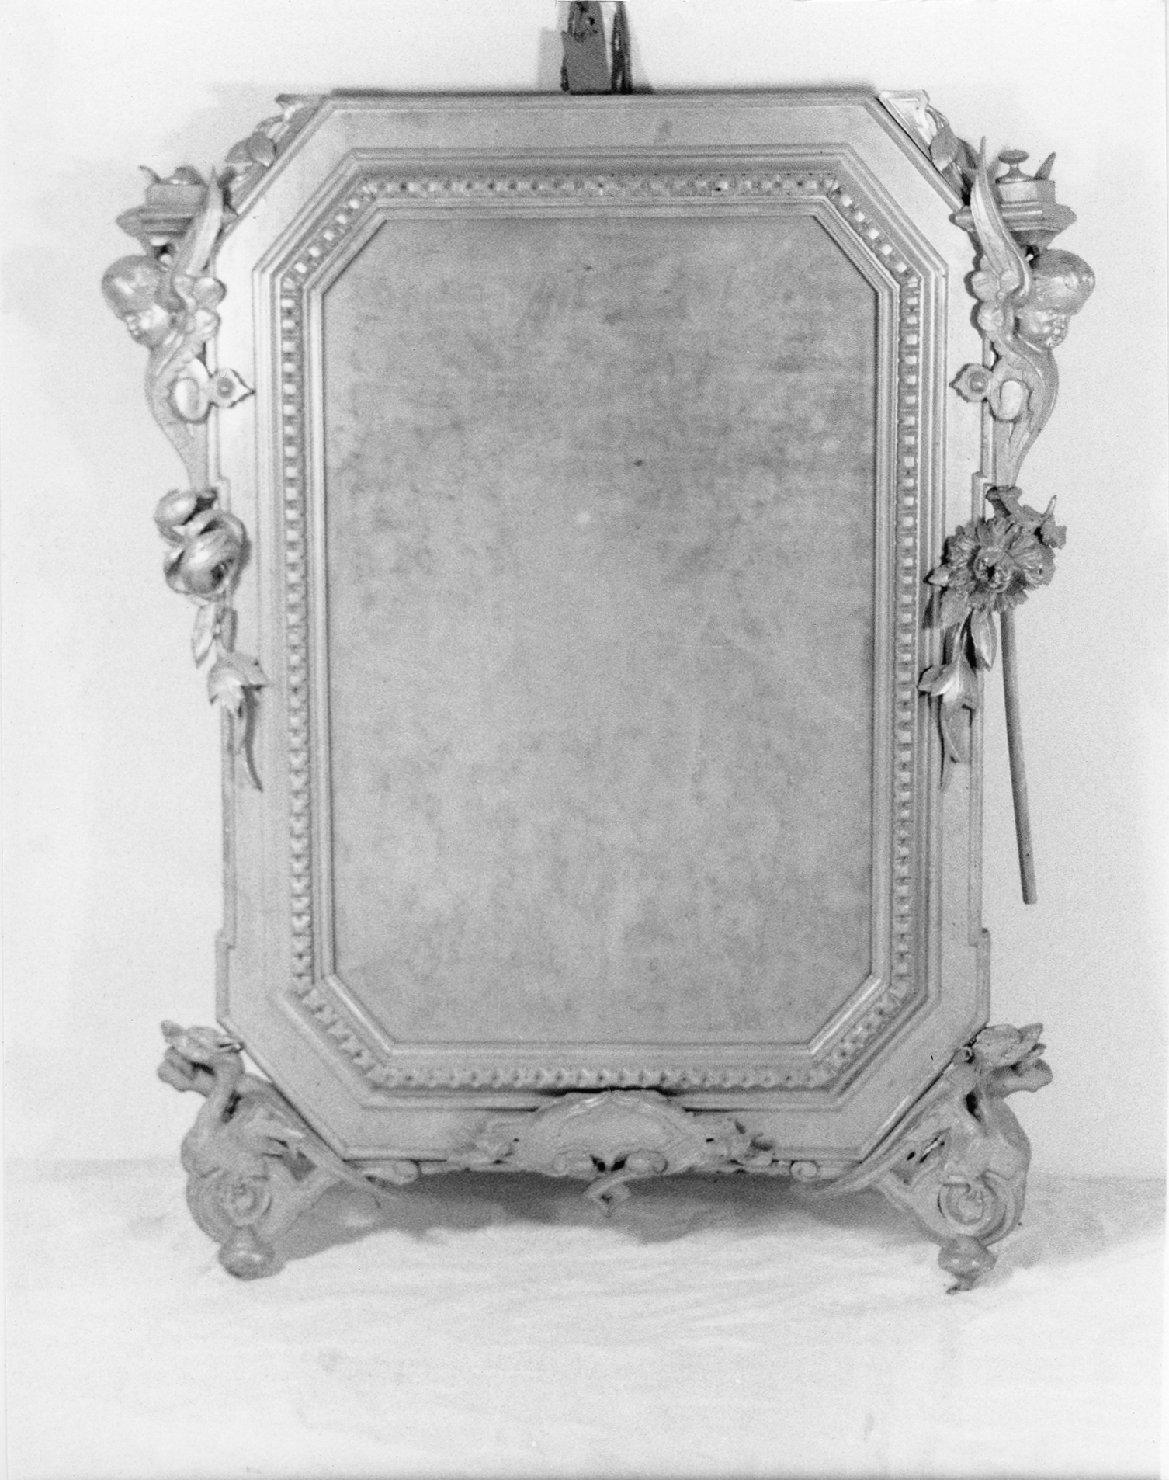 specchiera, opera isolata - ambito Italia settentrionale (sec. XIX)